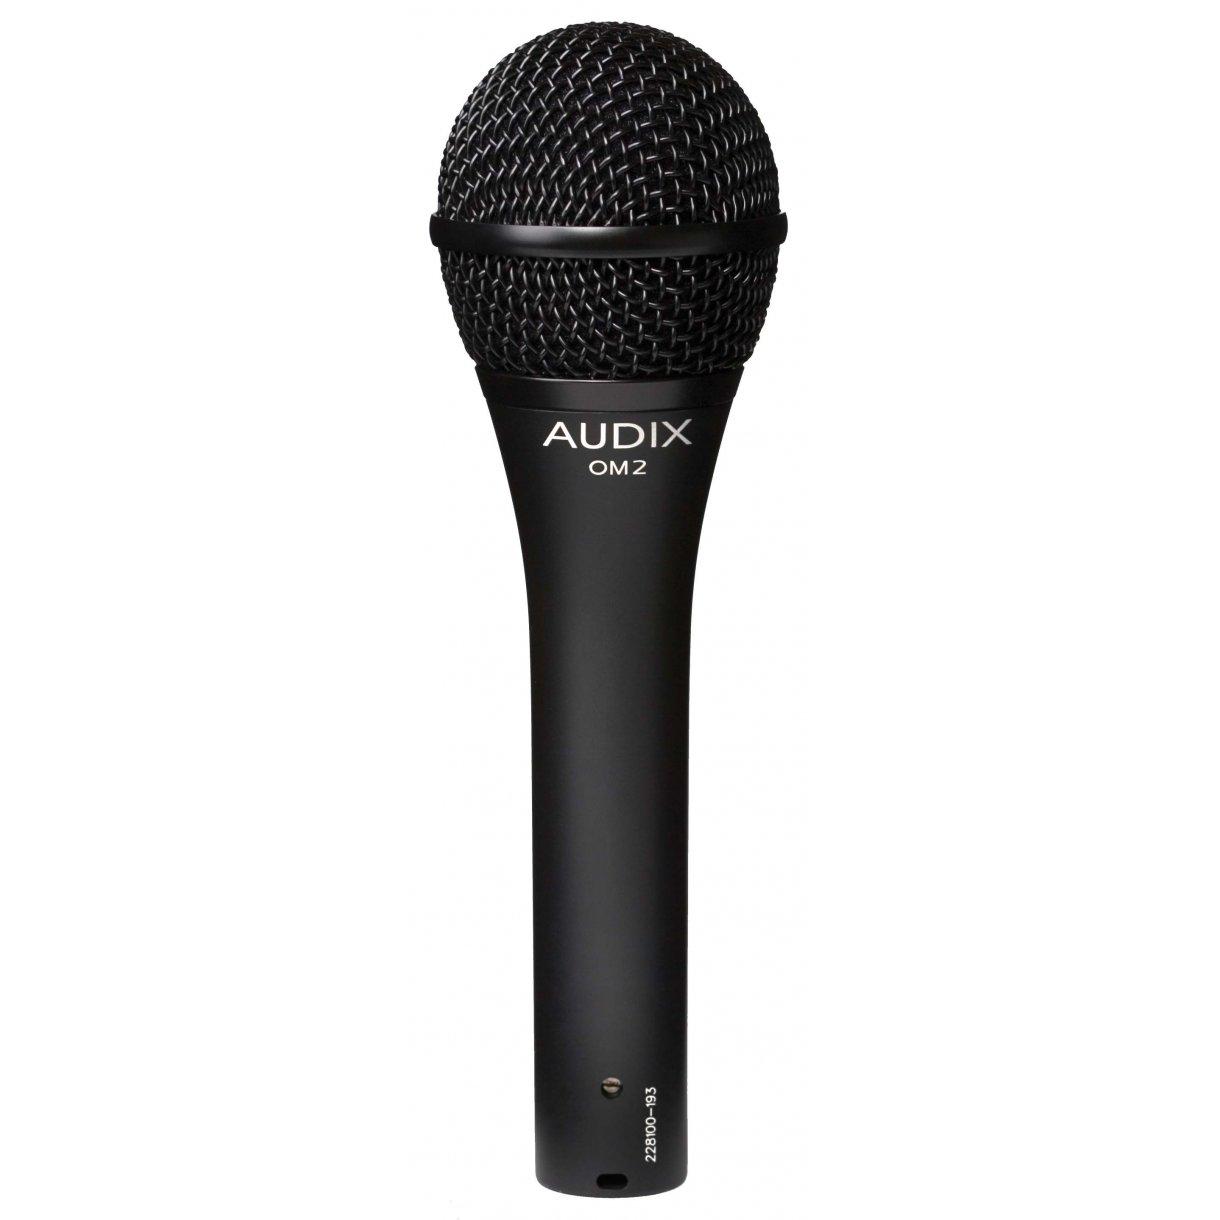 Audix: Verdensklassebrand med 30 års erfaring indenfor lydudstyr